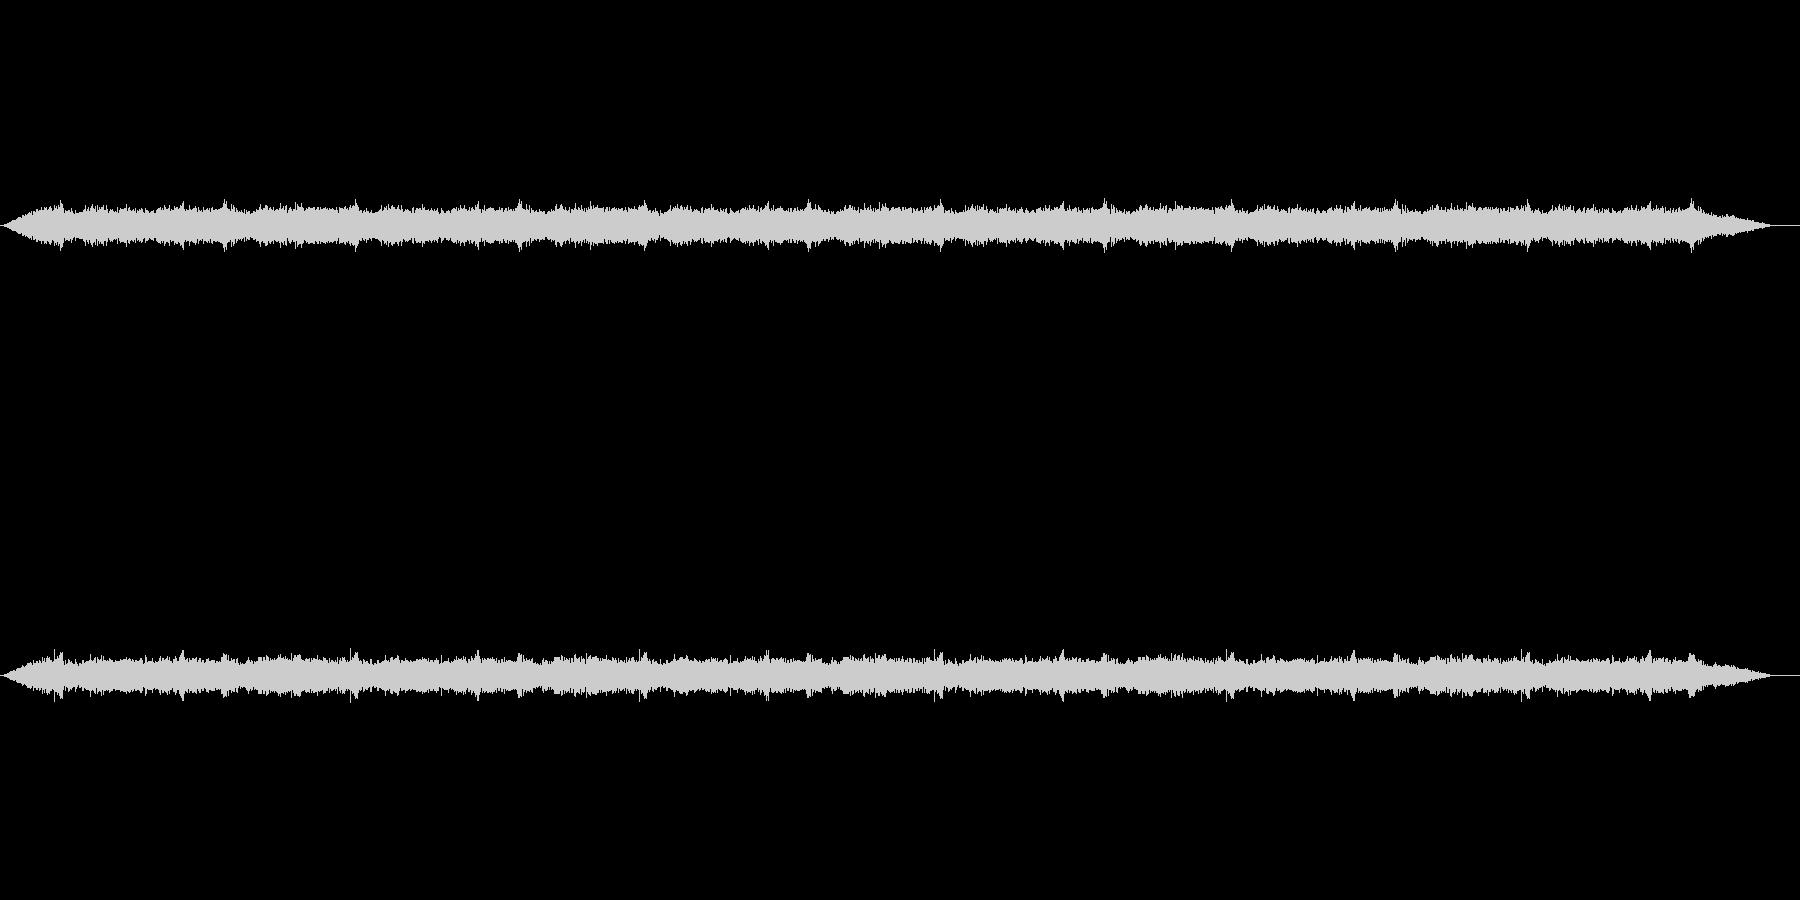 【秋の虫 生録 環境01-2】の未再生の波形